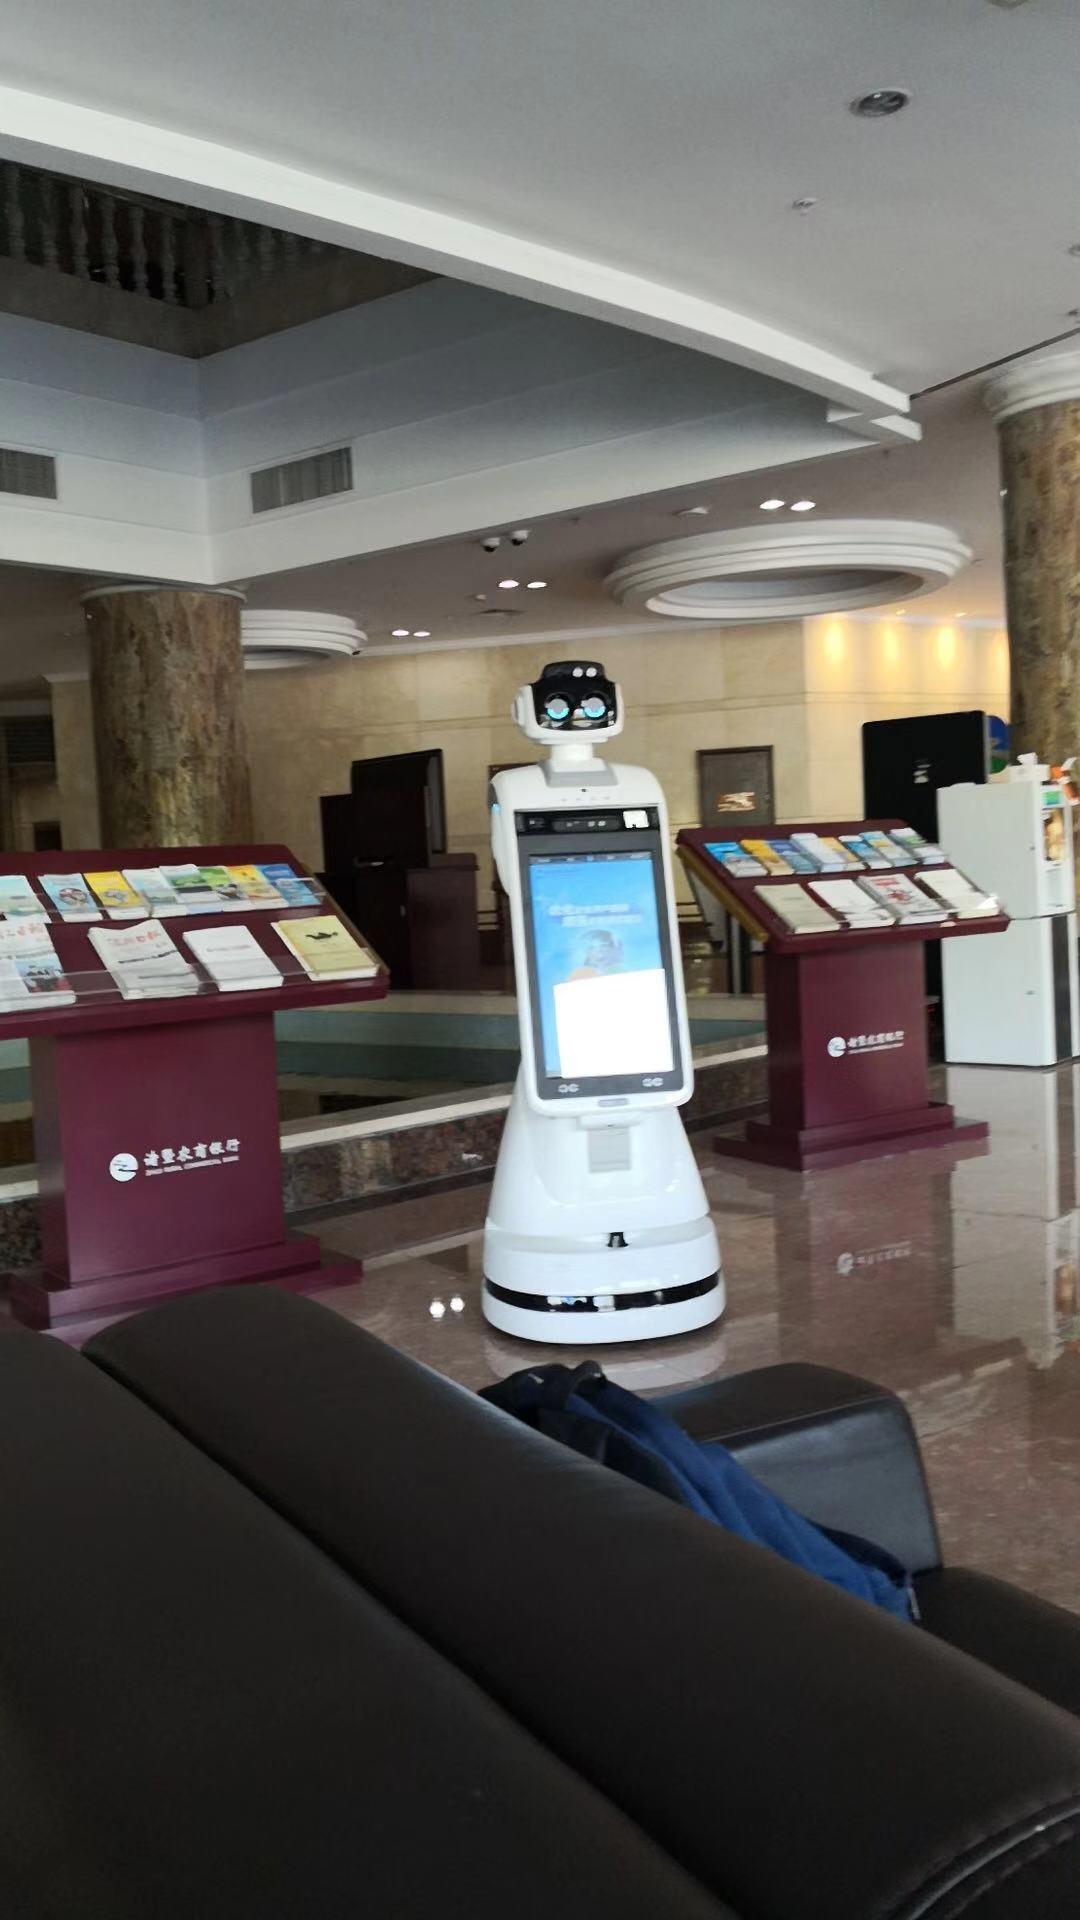 银行专用智能机器人